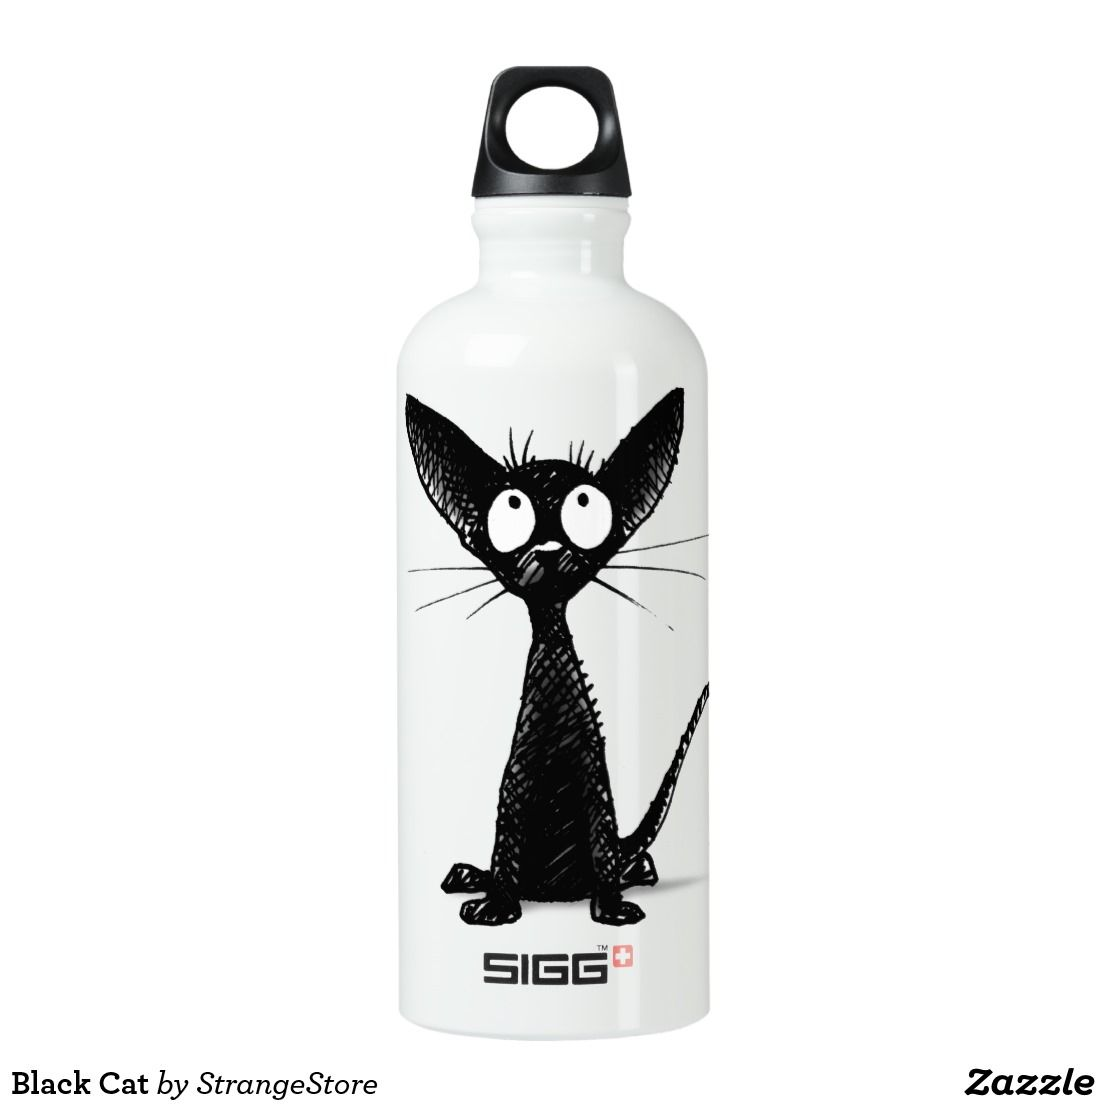 Black Cat Water Bottle Zazzle Com Water Bottle Sigg Water Bottle Bottle